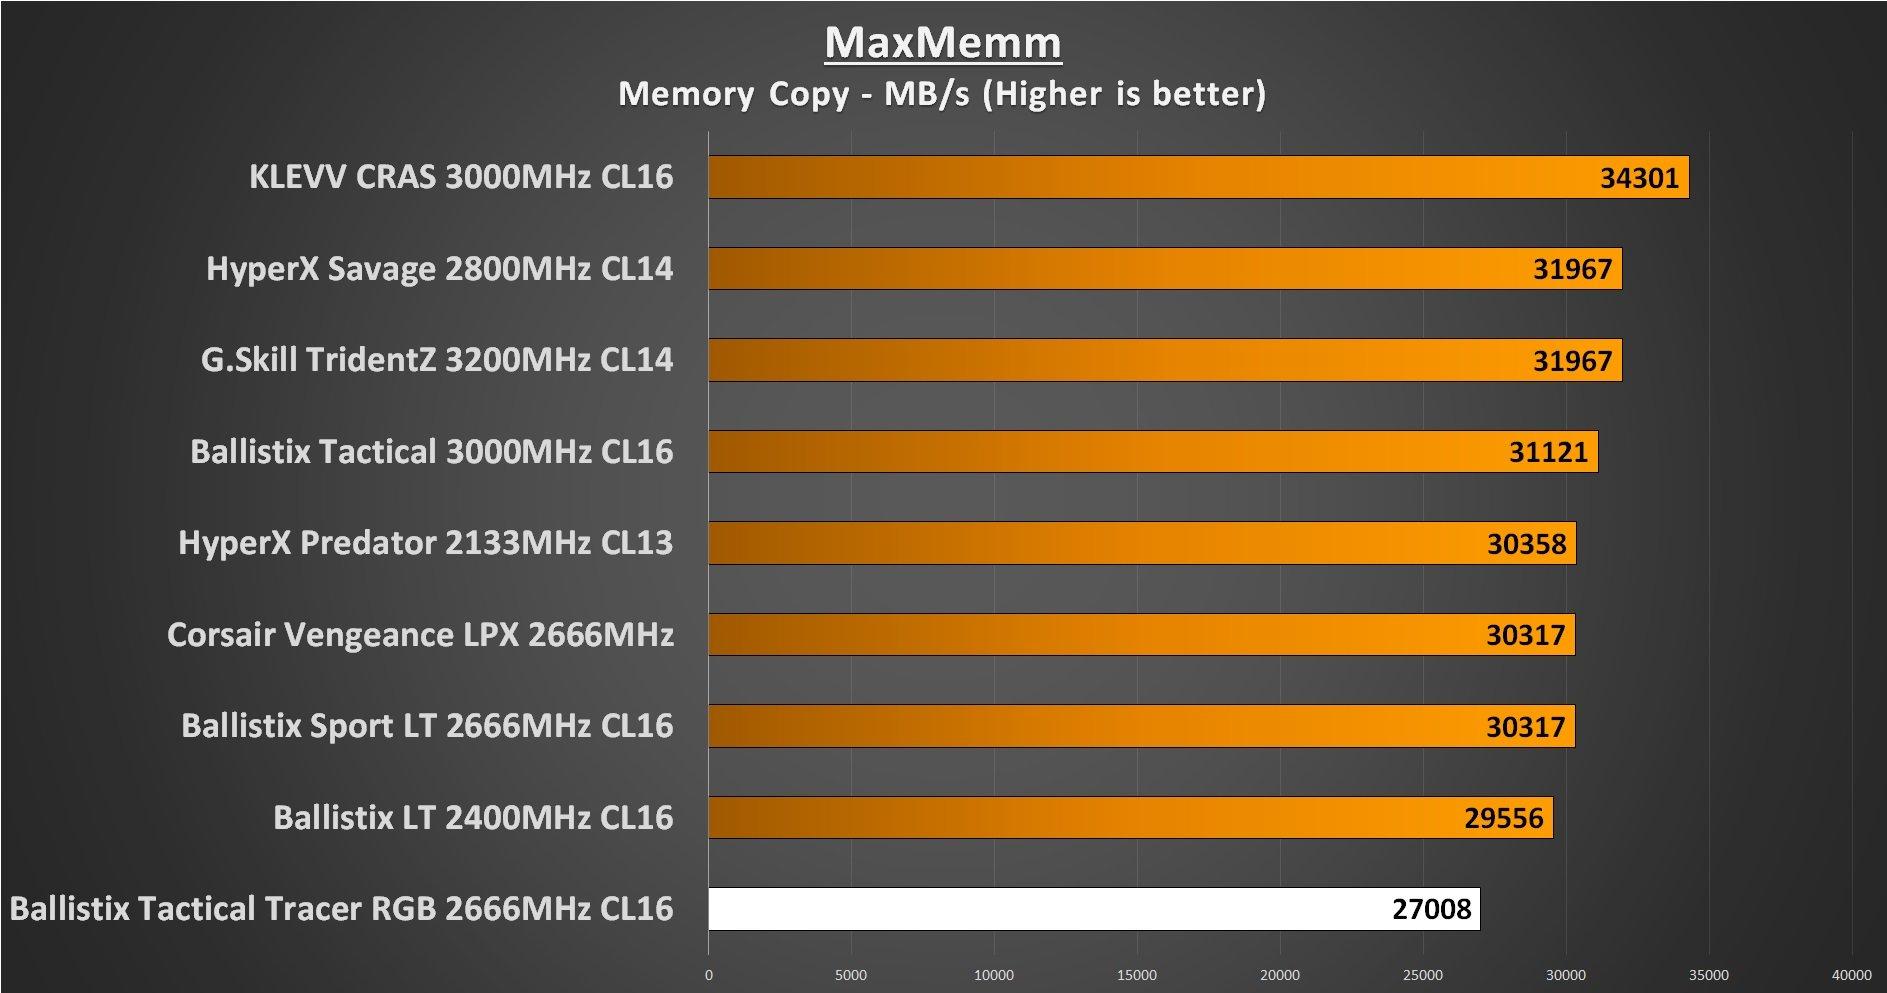 MaxMemm Copy